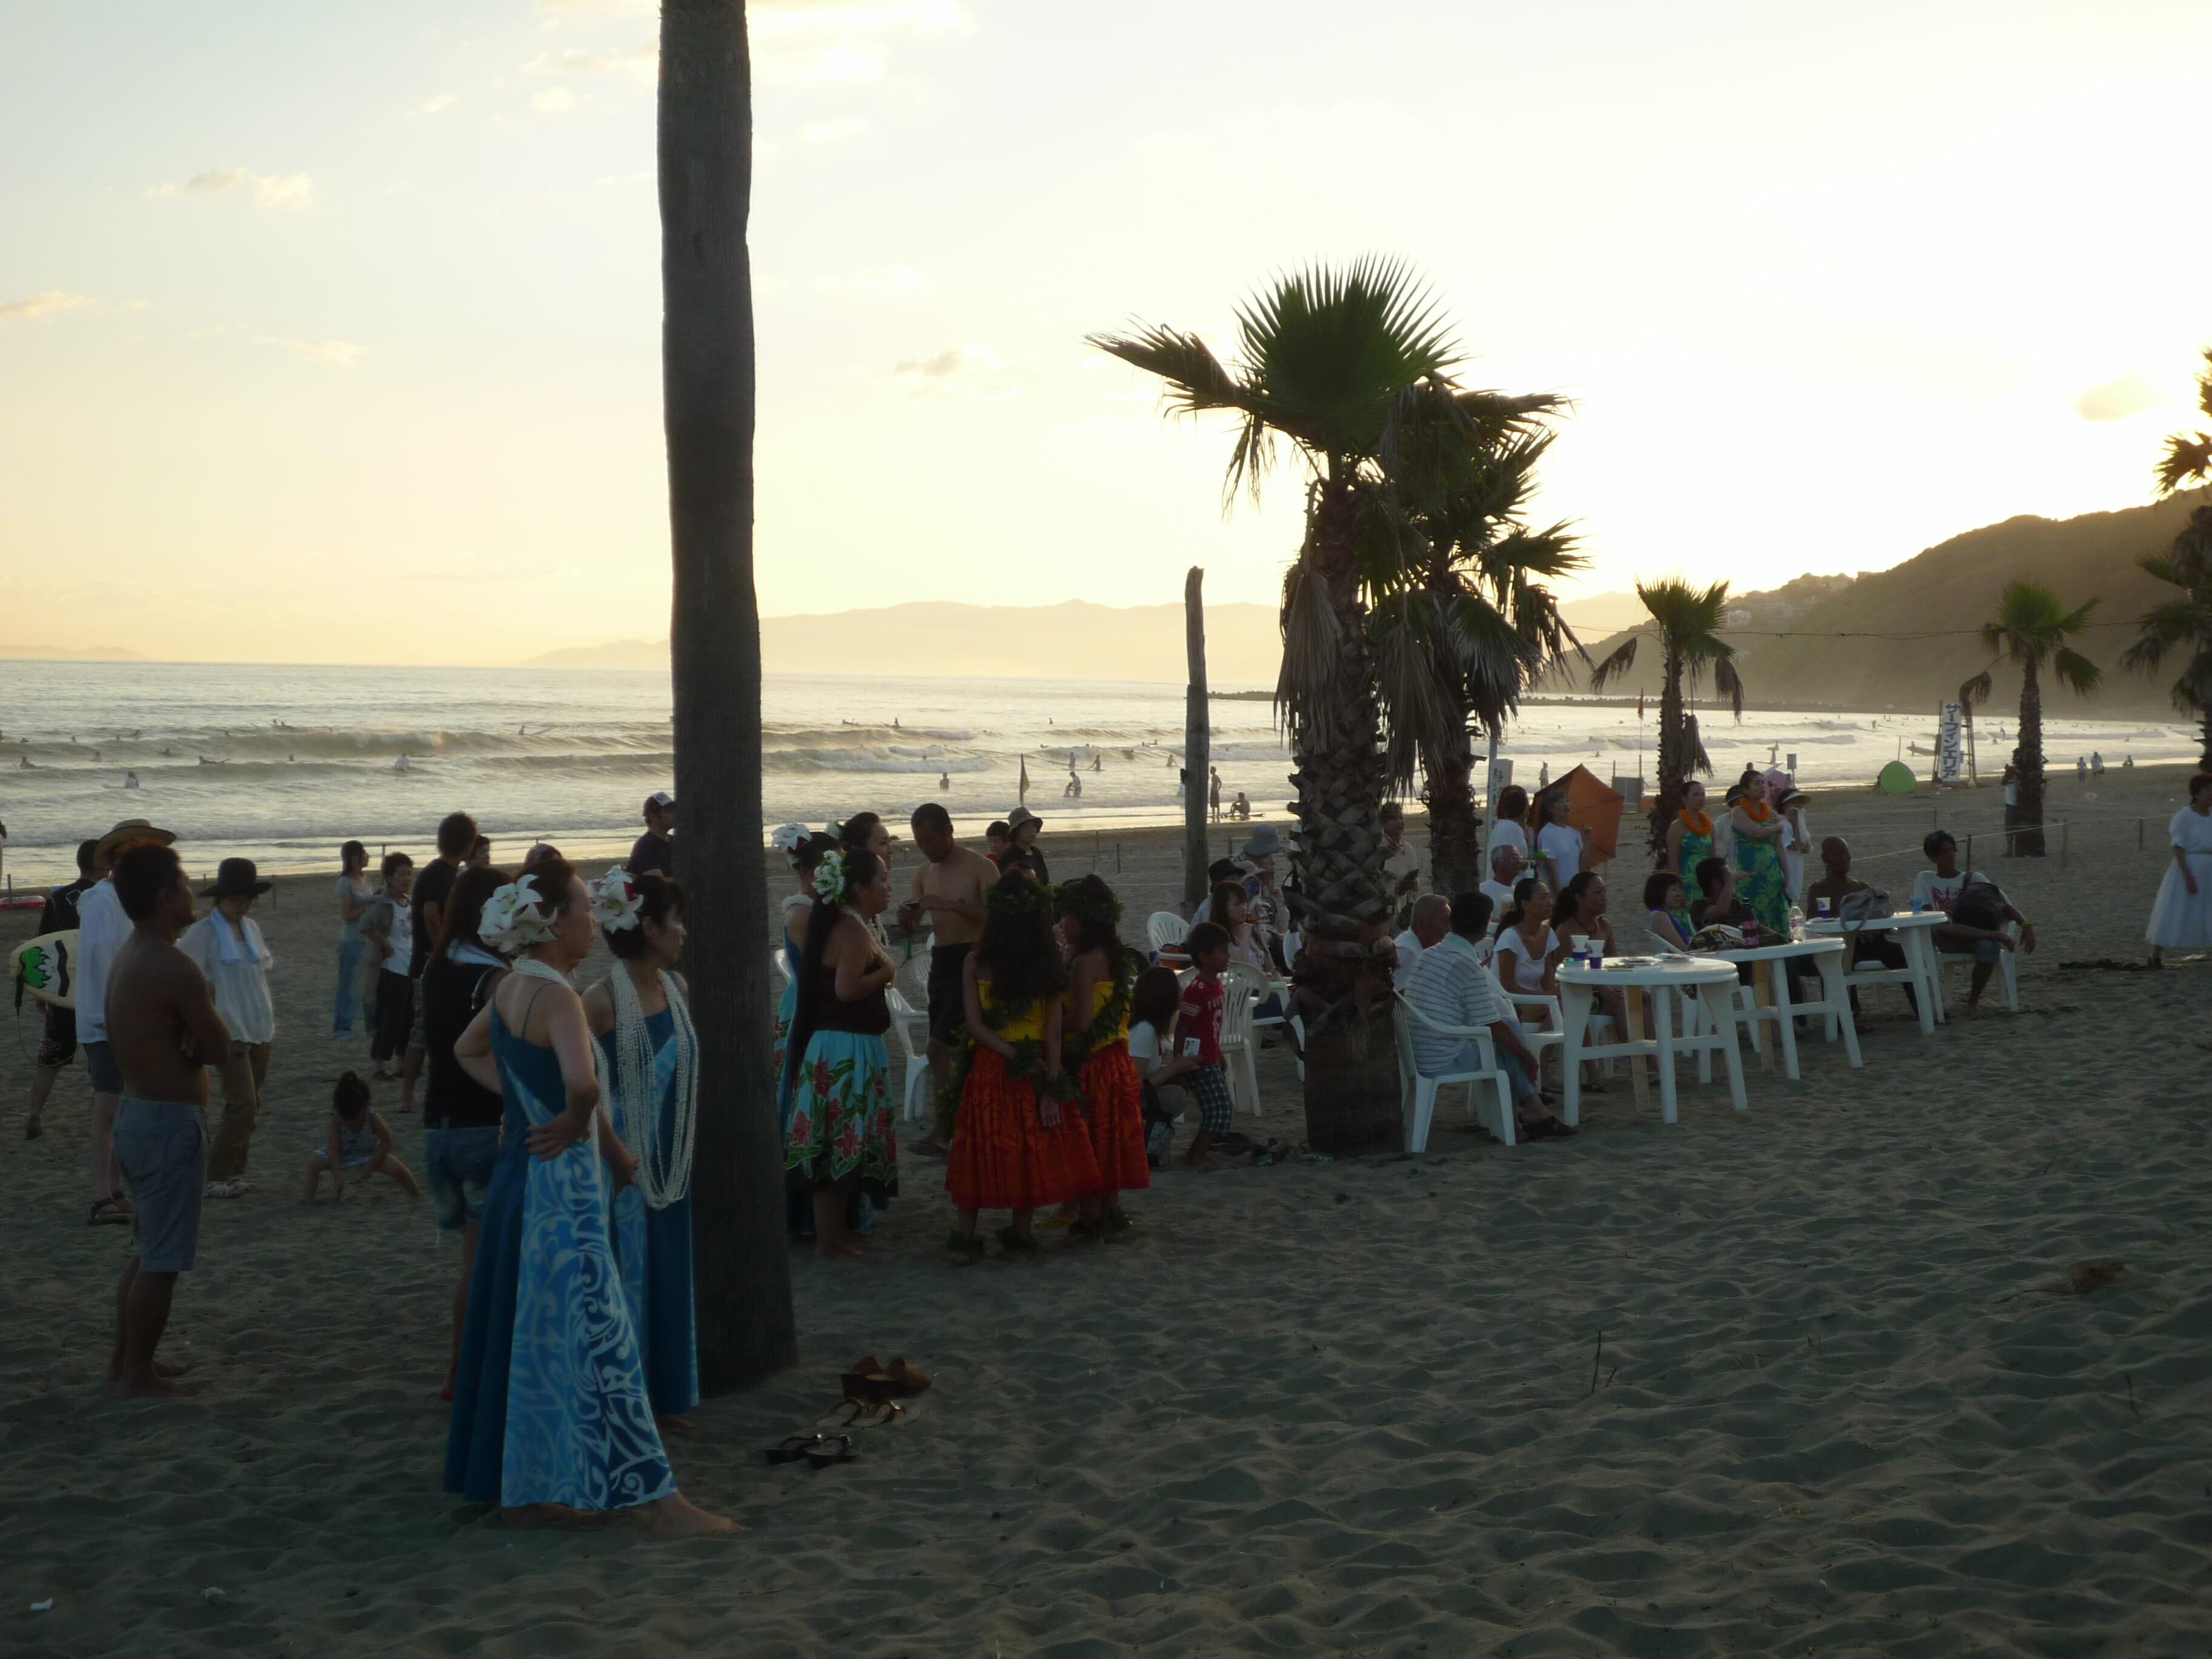 2012.8/4-5  夏だ!砂浜まつり